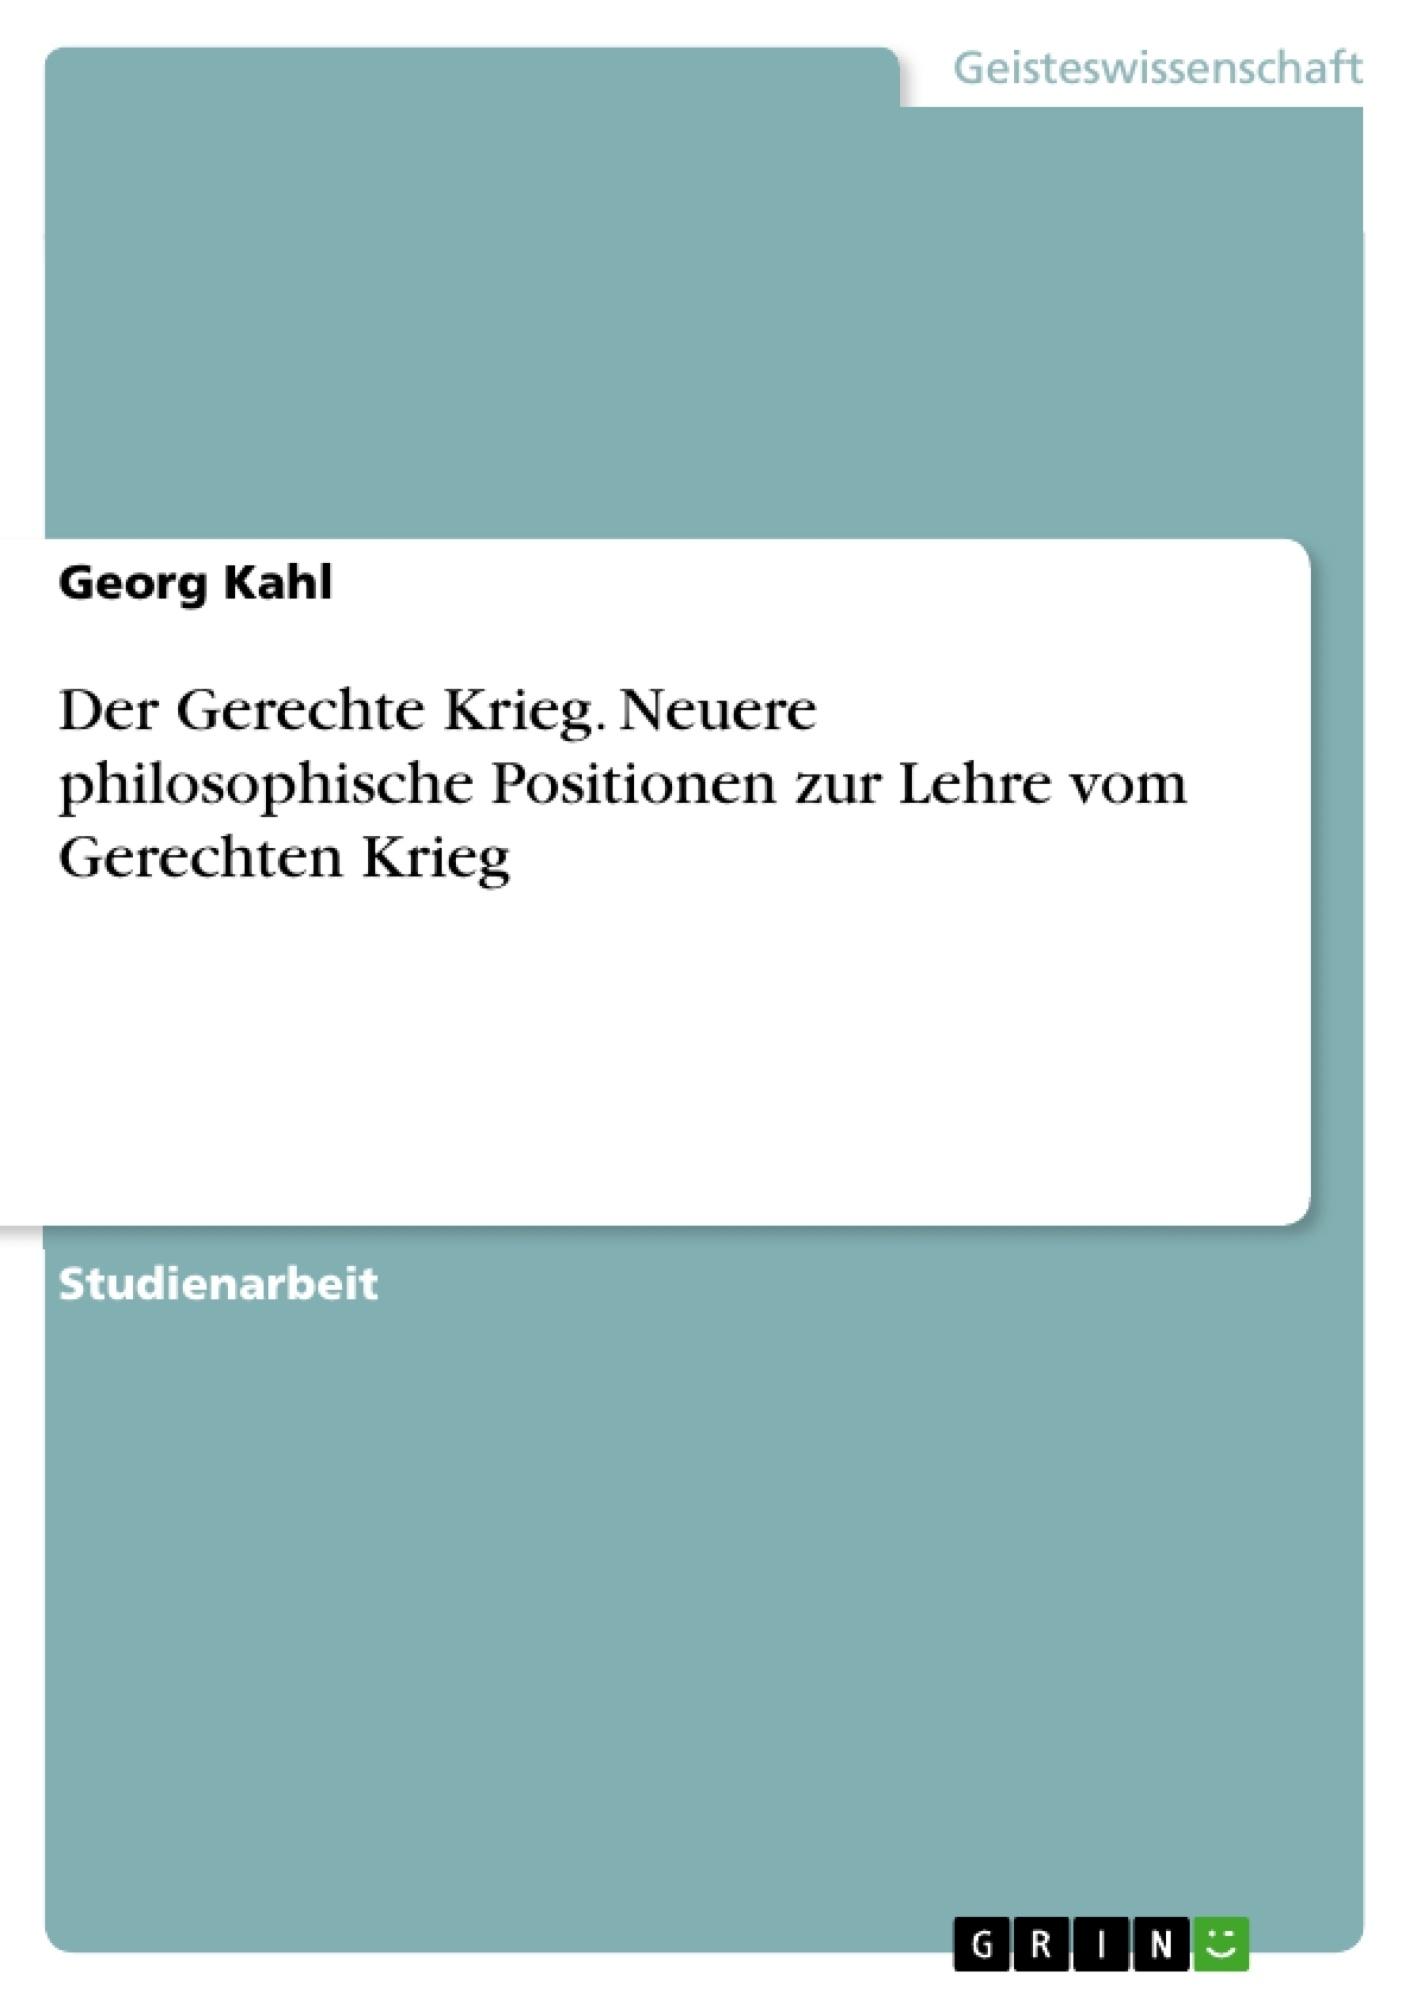 Titel: Der Gerechte Krieg. Neuere philosophische Positionen zur Lehre vom Gerechten Krieg